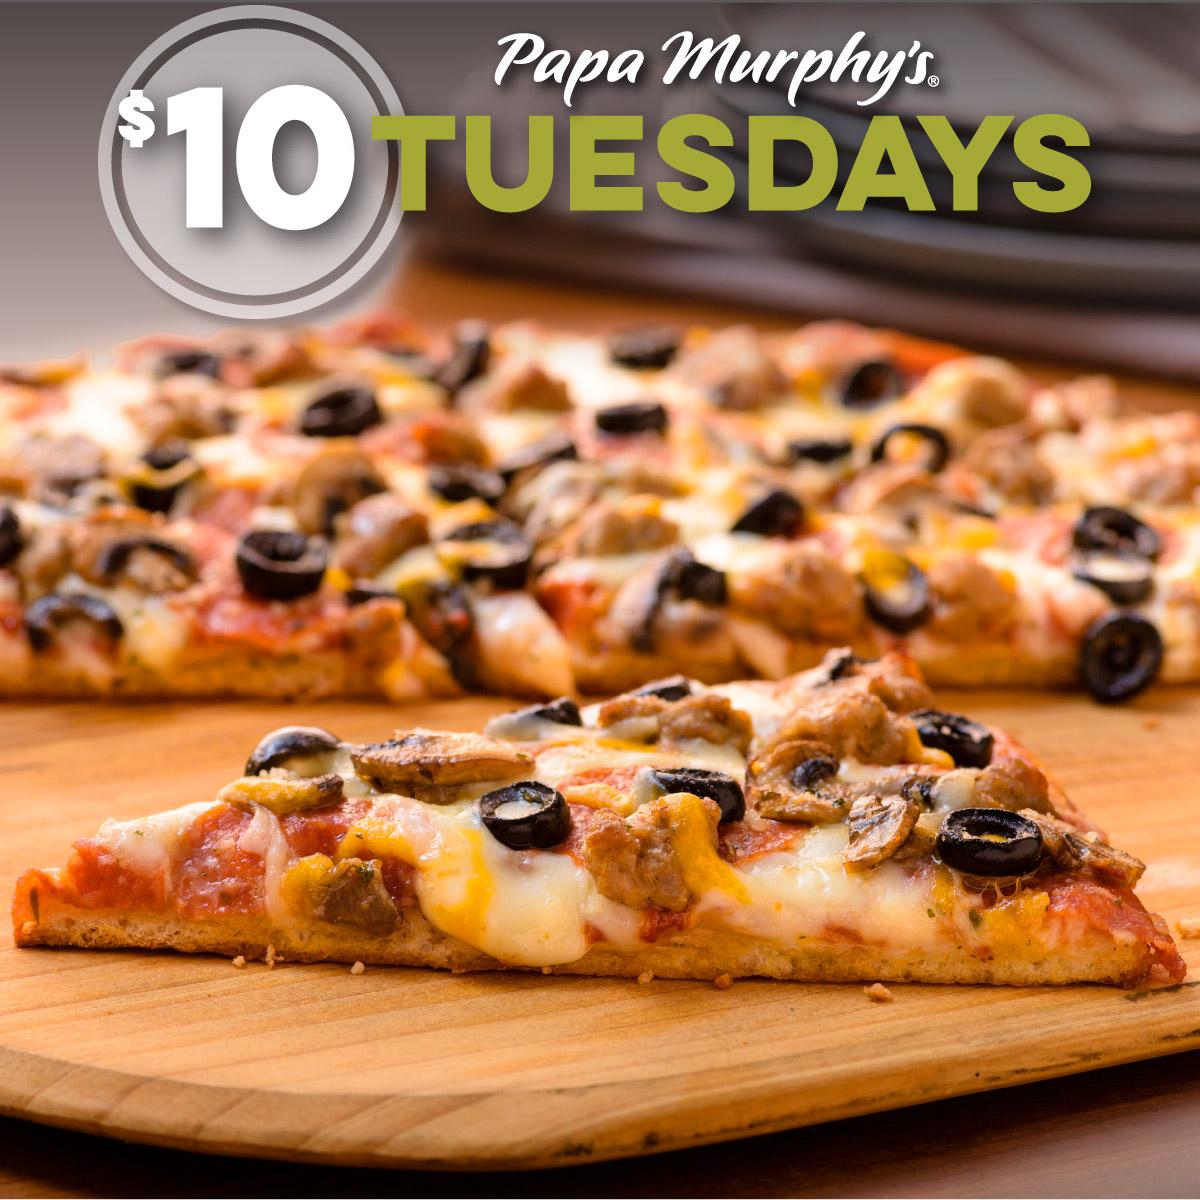 $10 Tuesday At Papa Murphy's!